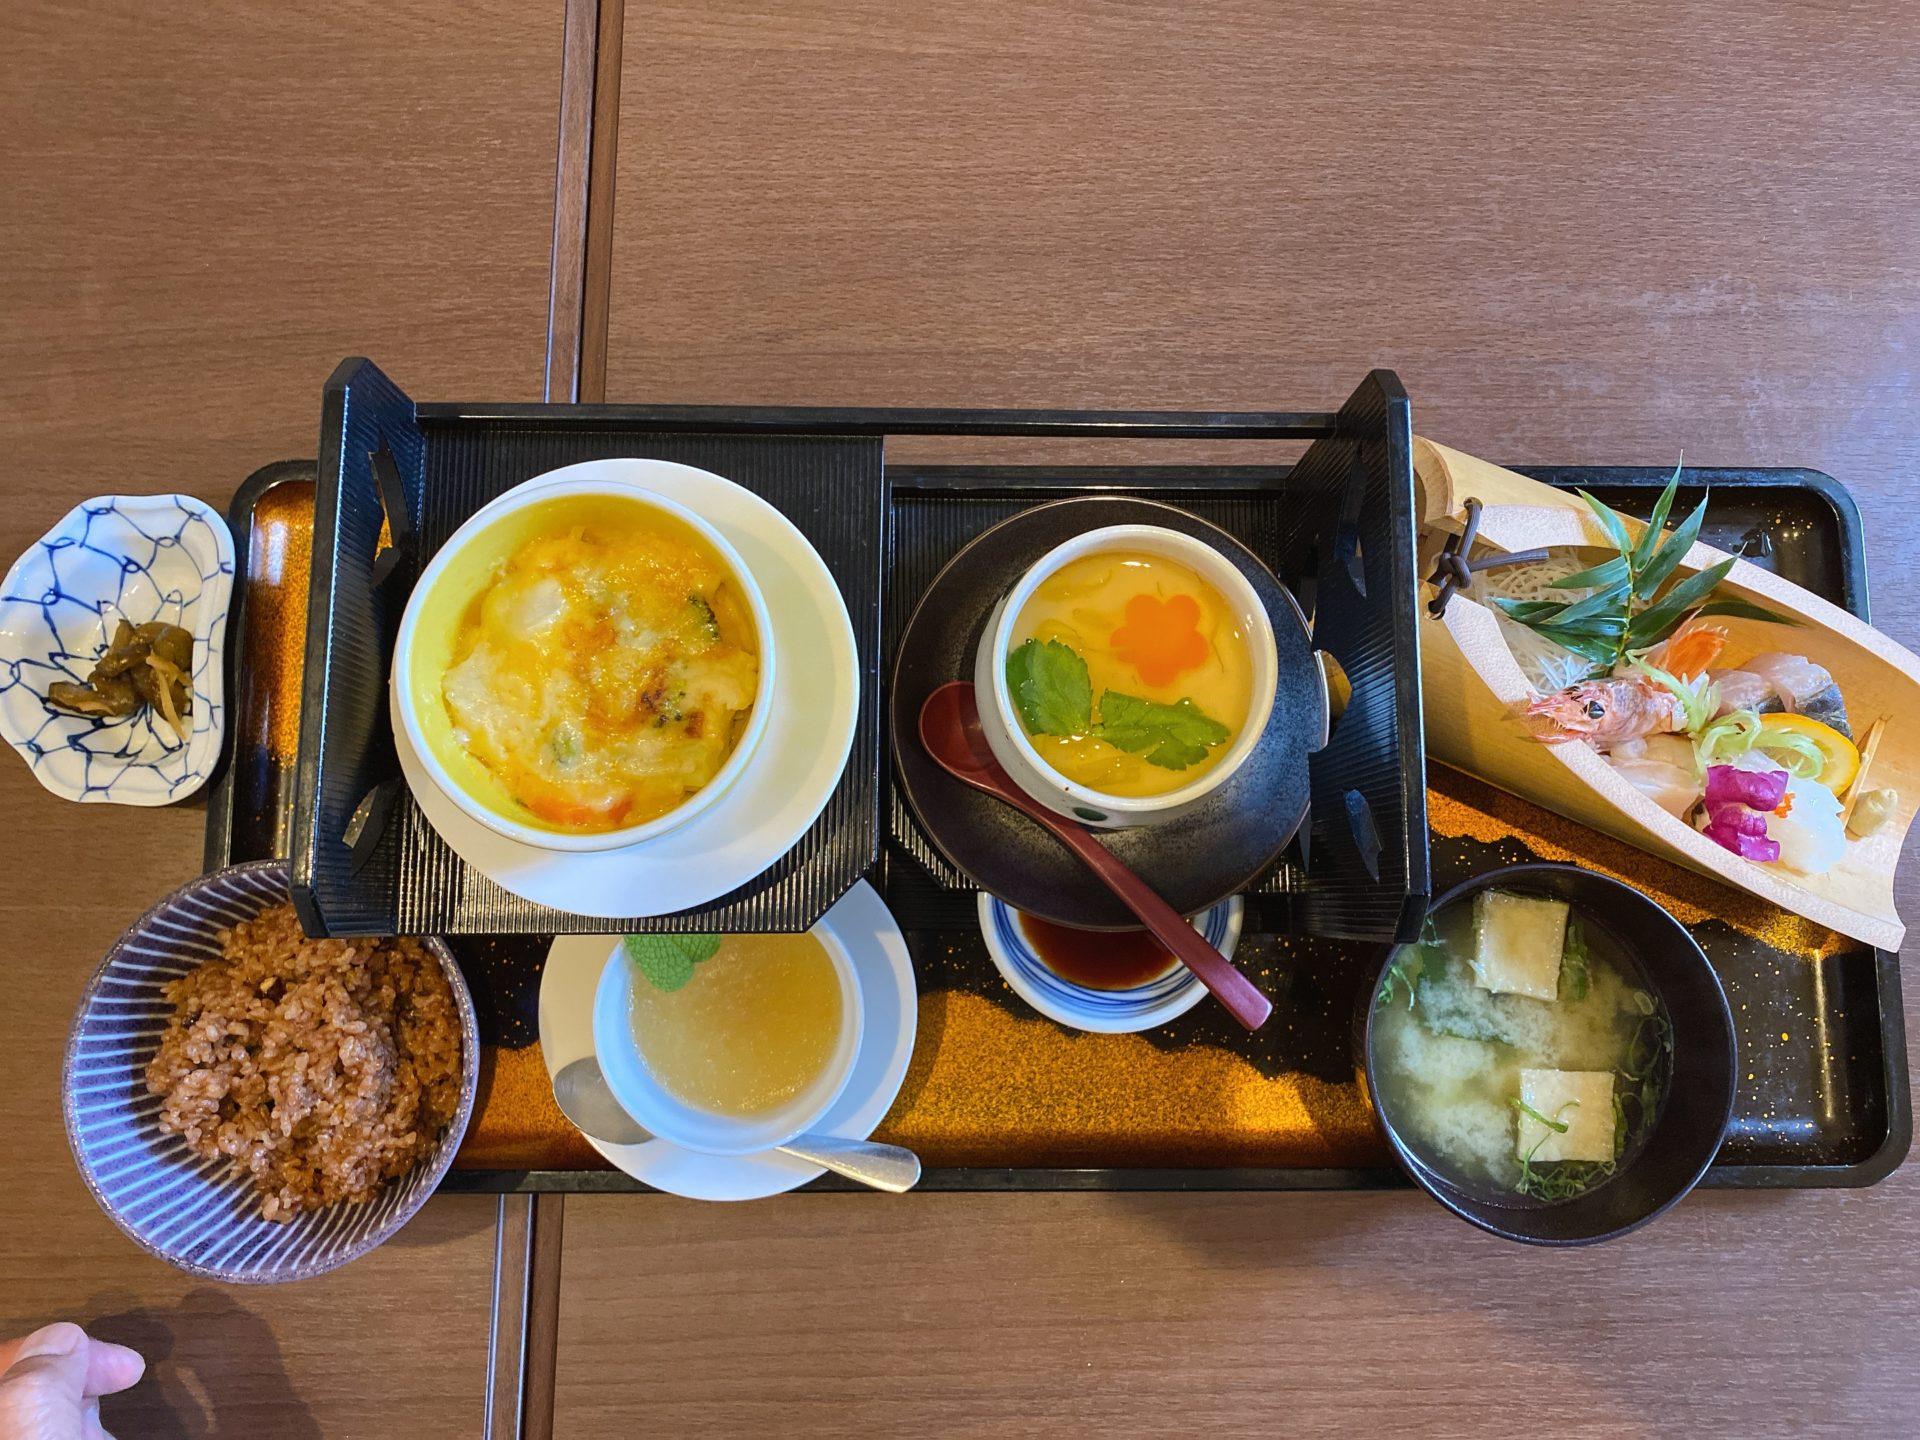 邑久駅から徒歩10分 創作おもてなし料理 美膳 の「おもてなし御膳」は、個室で頂く平日限定のランチで、メインに刺身を選択!